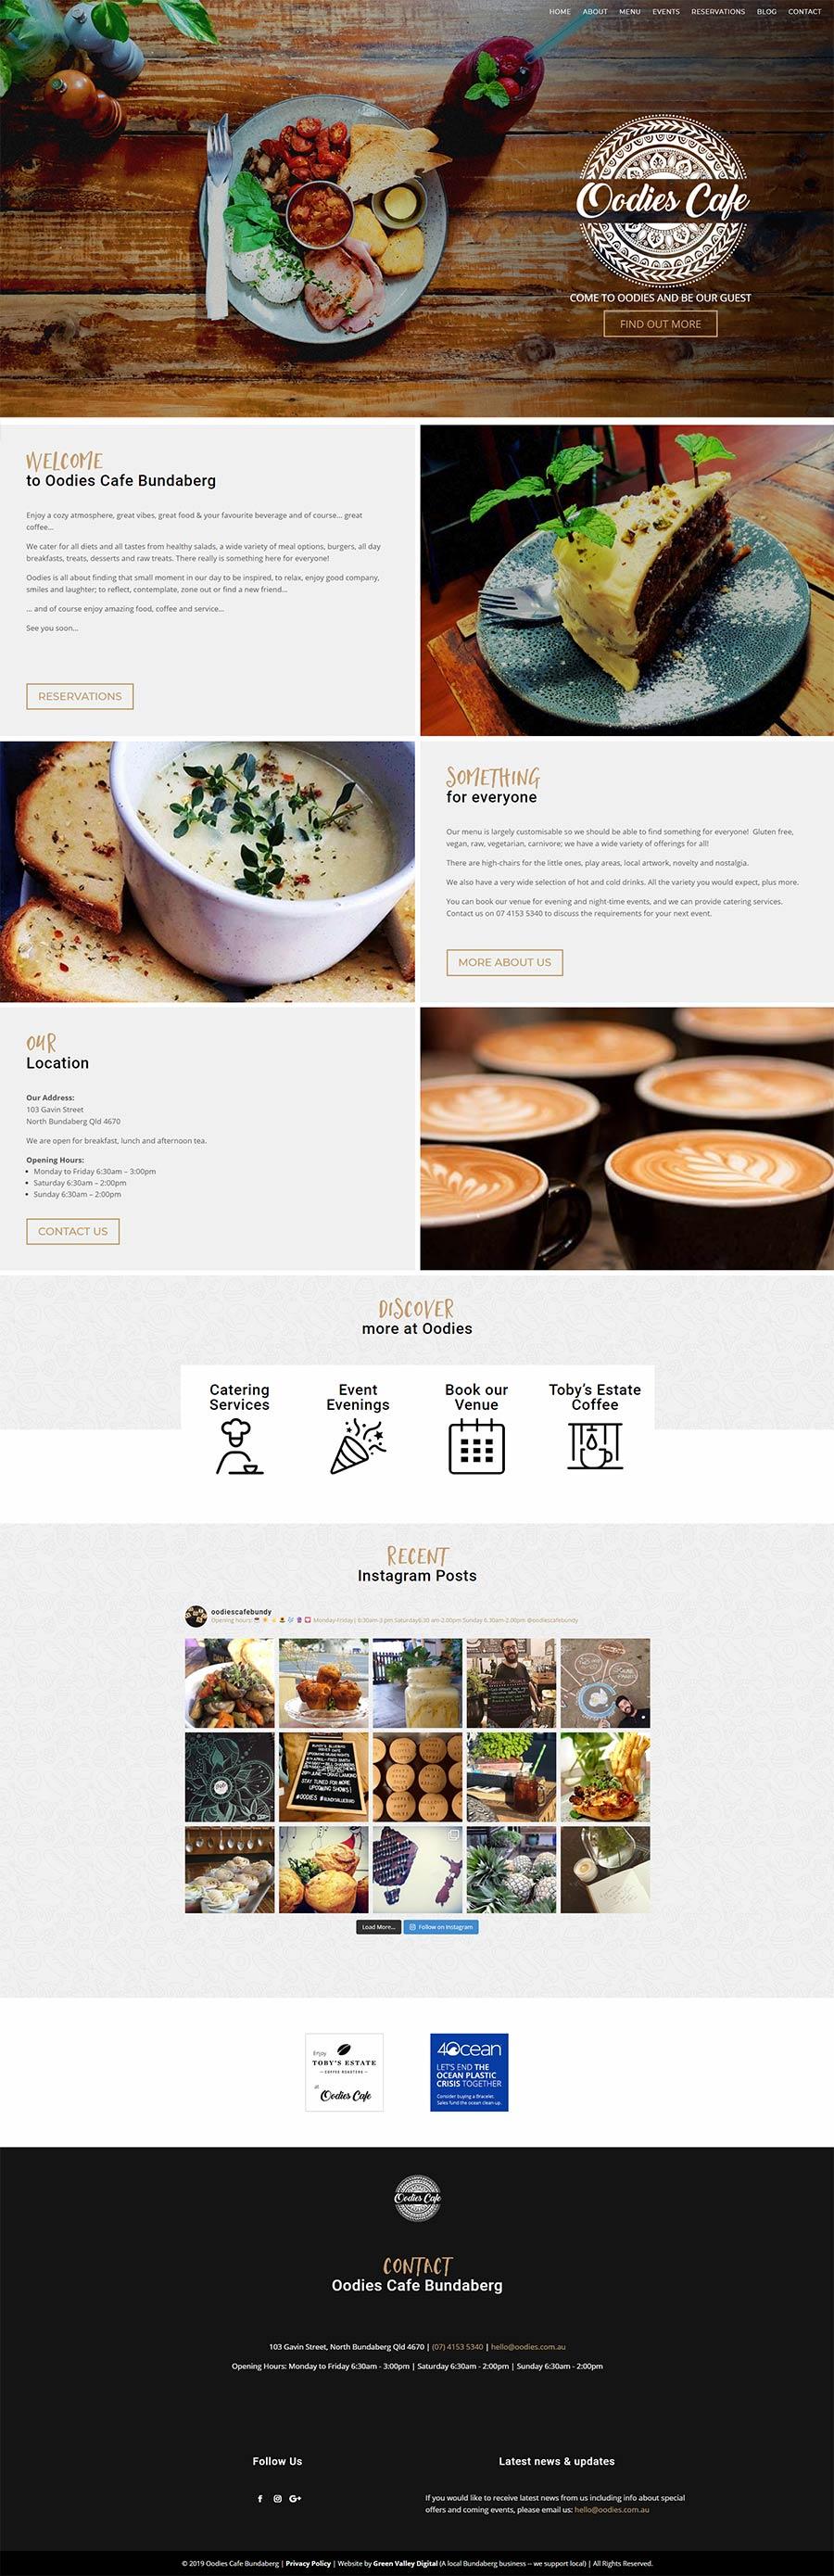 Oodies Cafe - Bundaberg - website design - home page